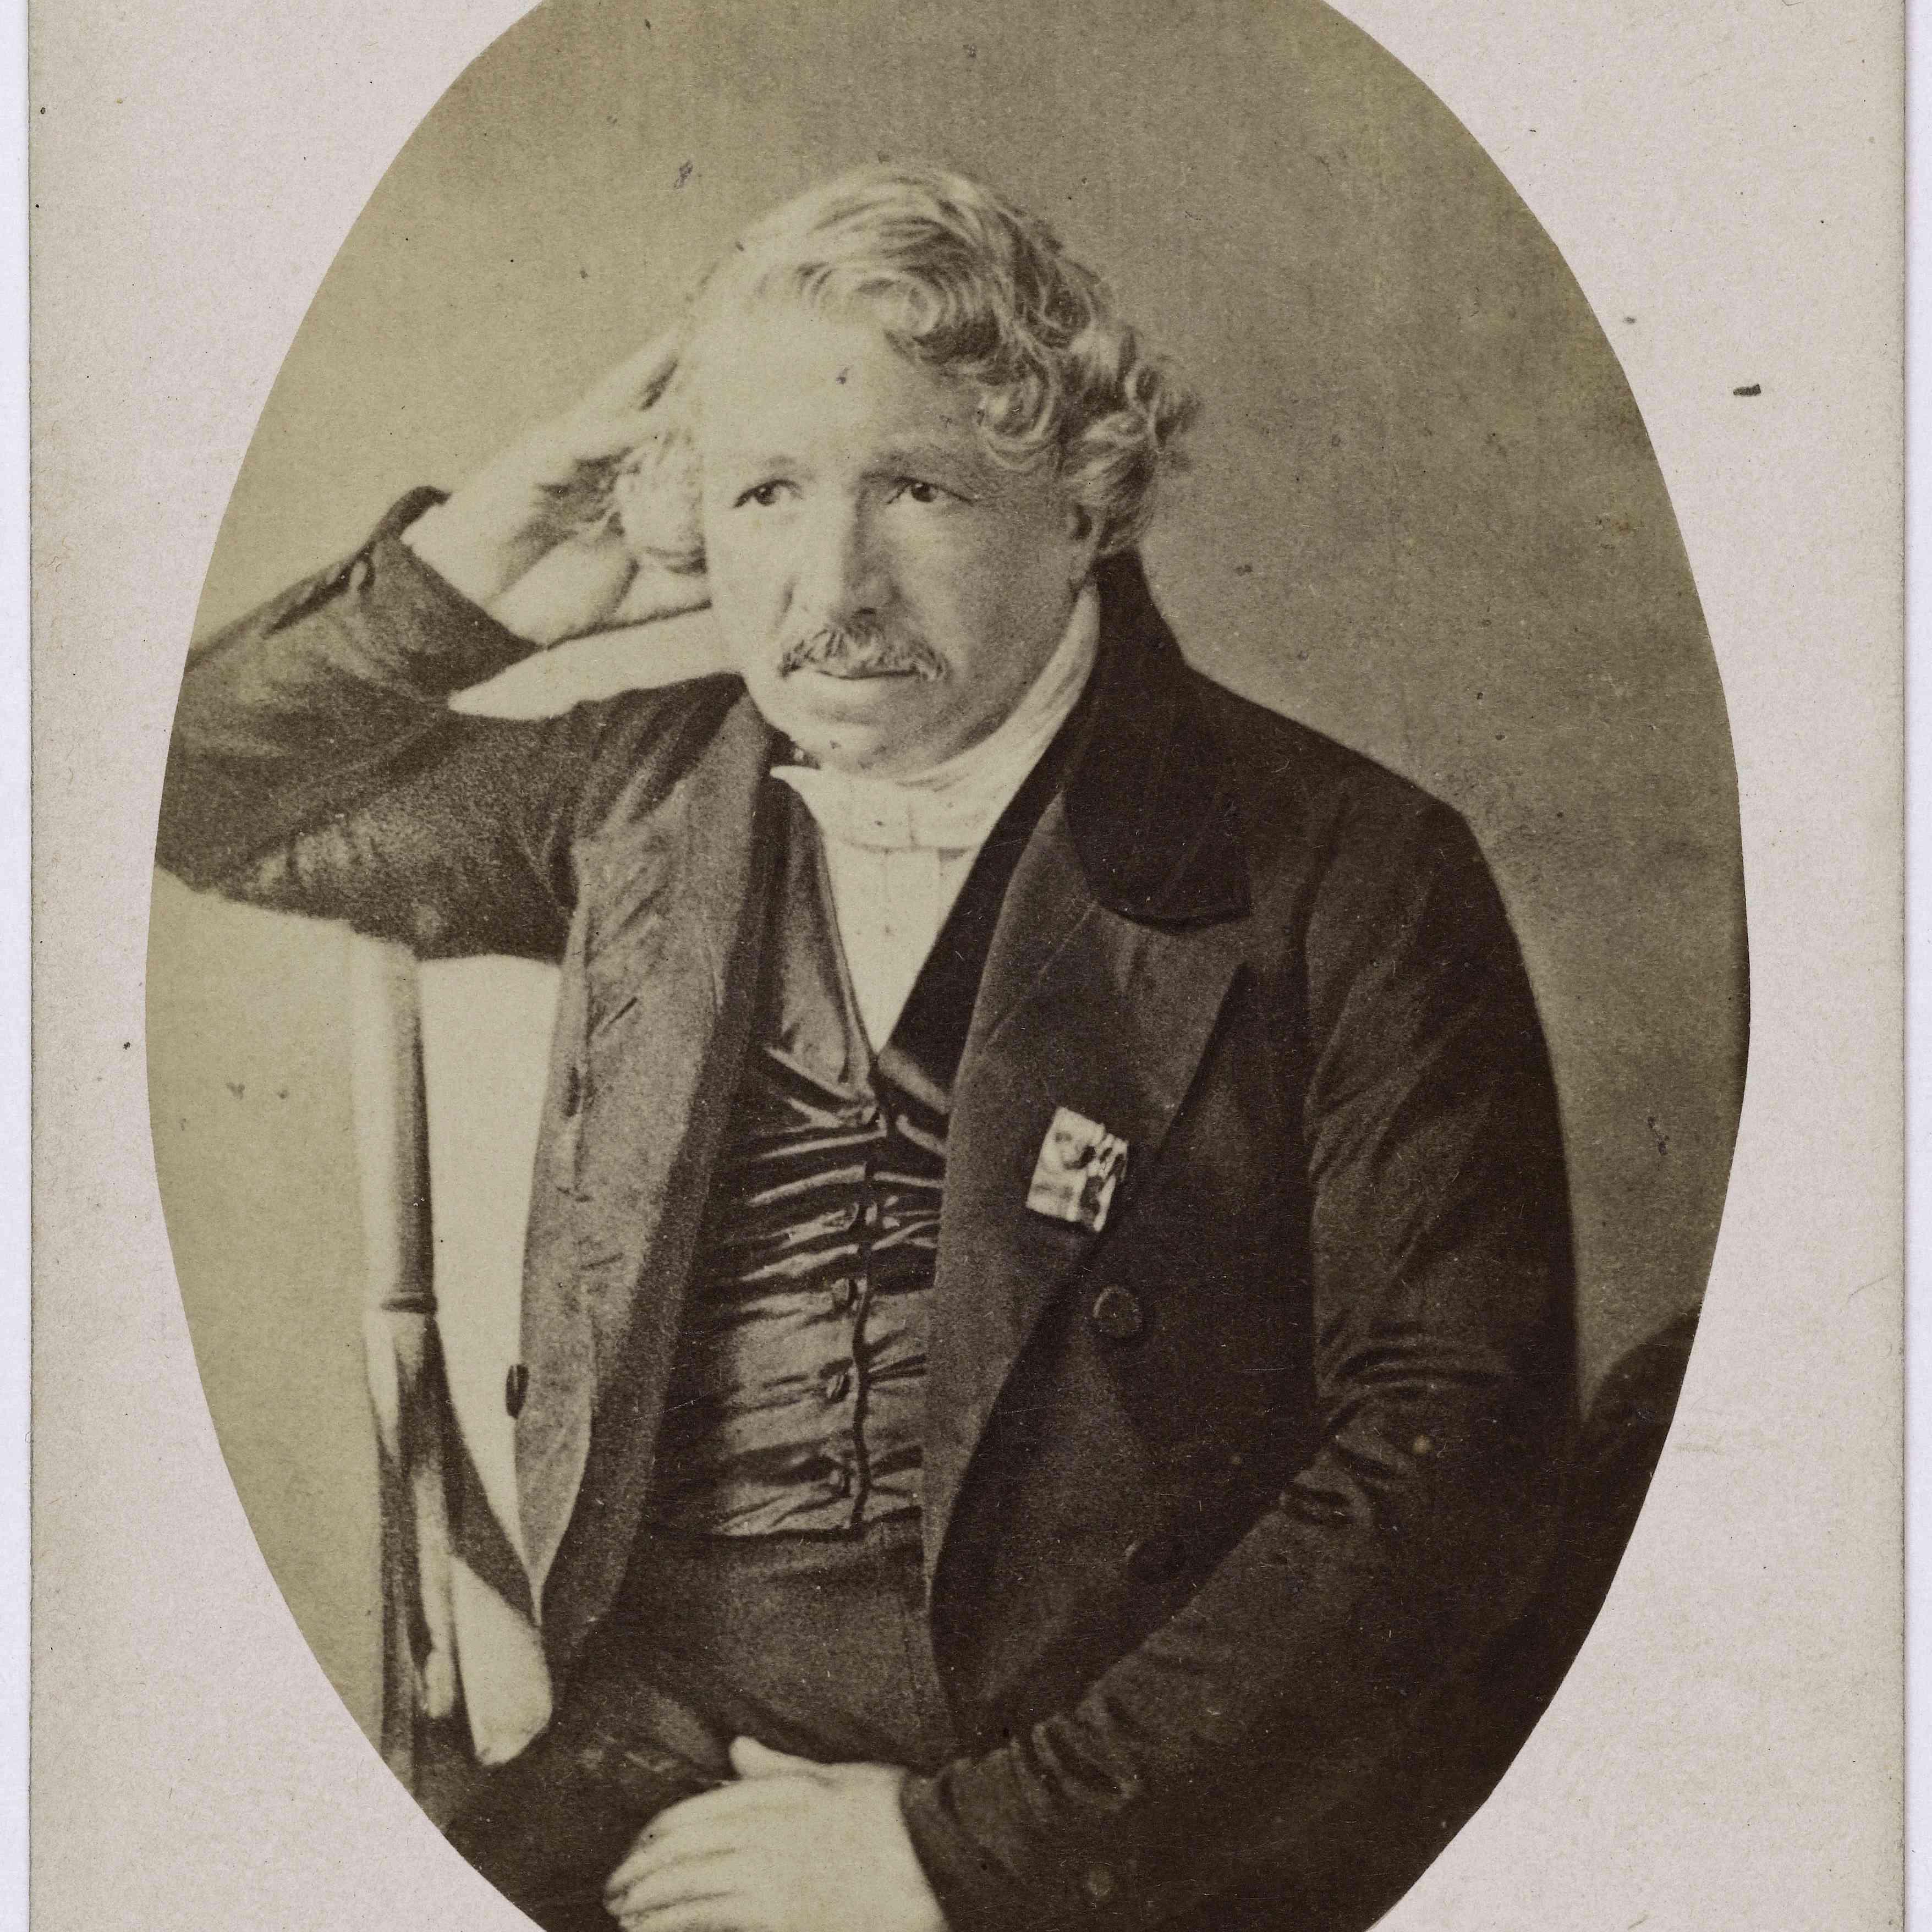 Portrait of Louis Daguerre, undated